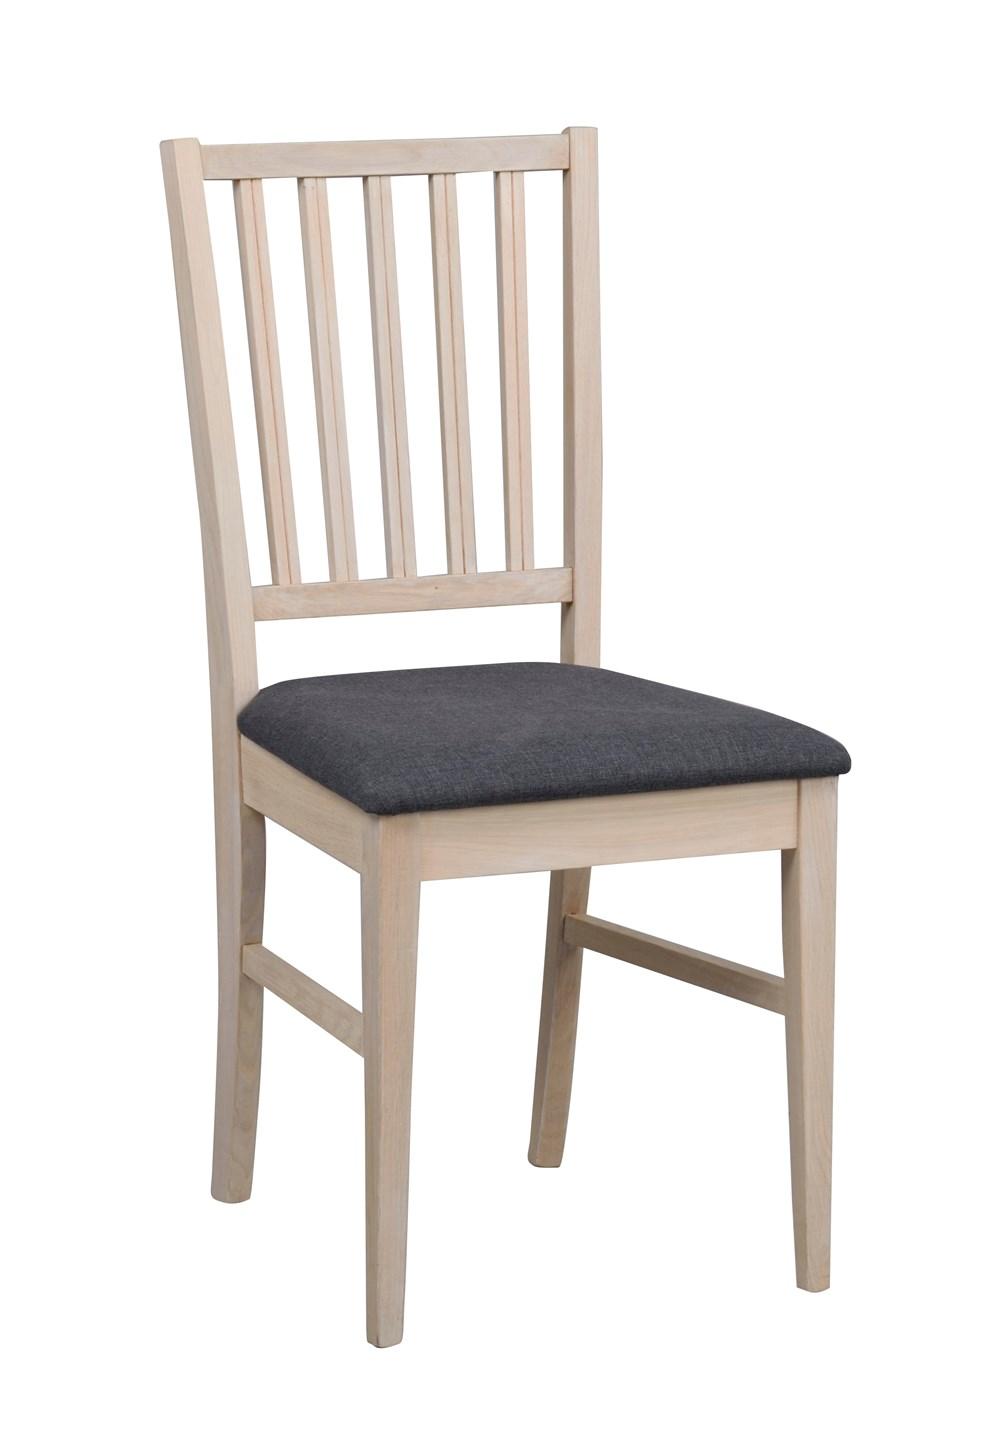 Filippa tuoli kuultovalkoinen tammi/harmaa kangas, Rowico